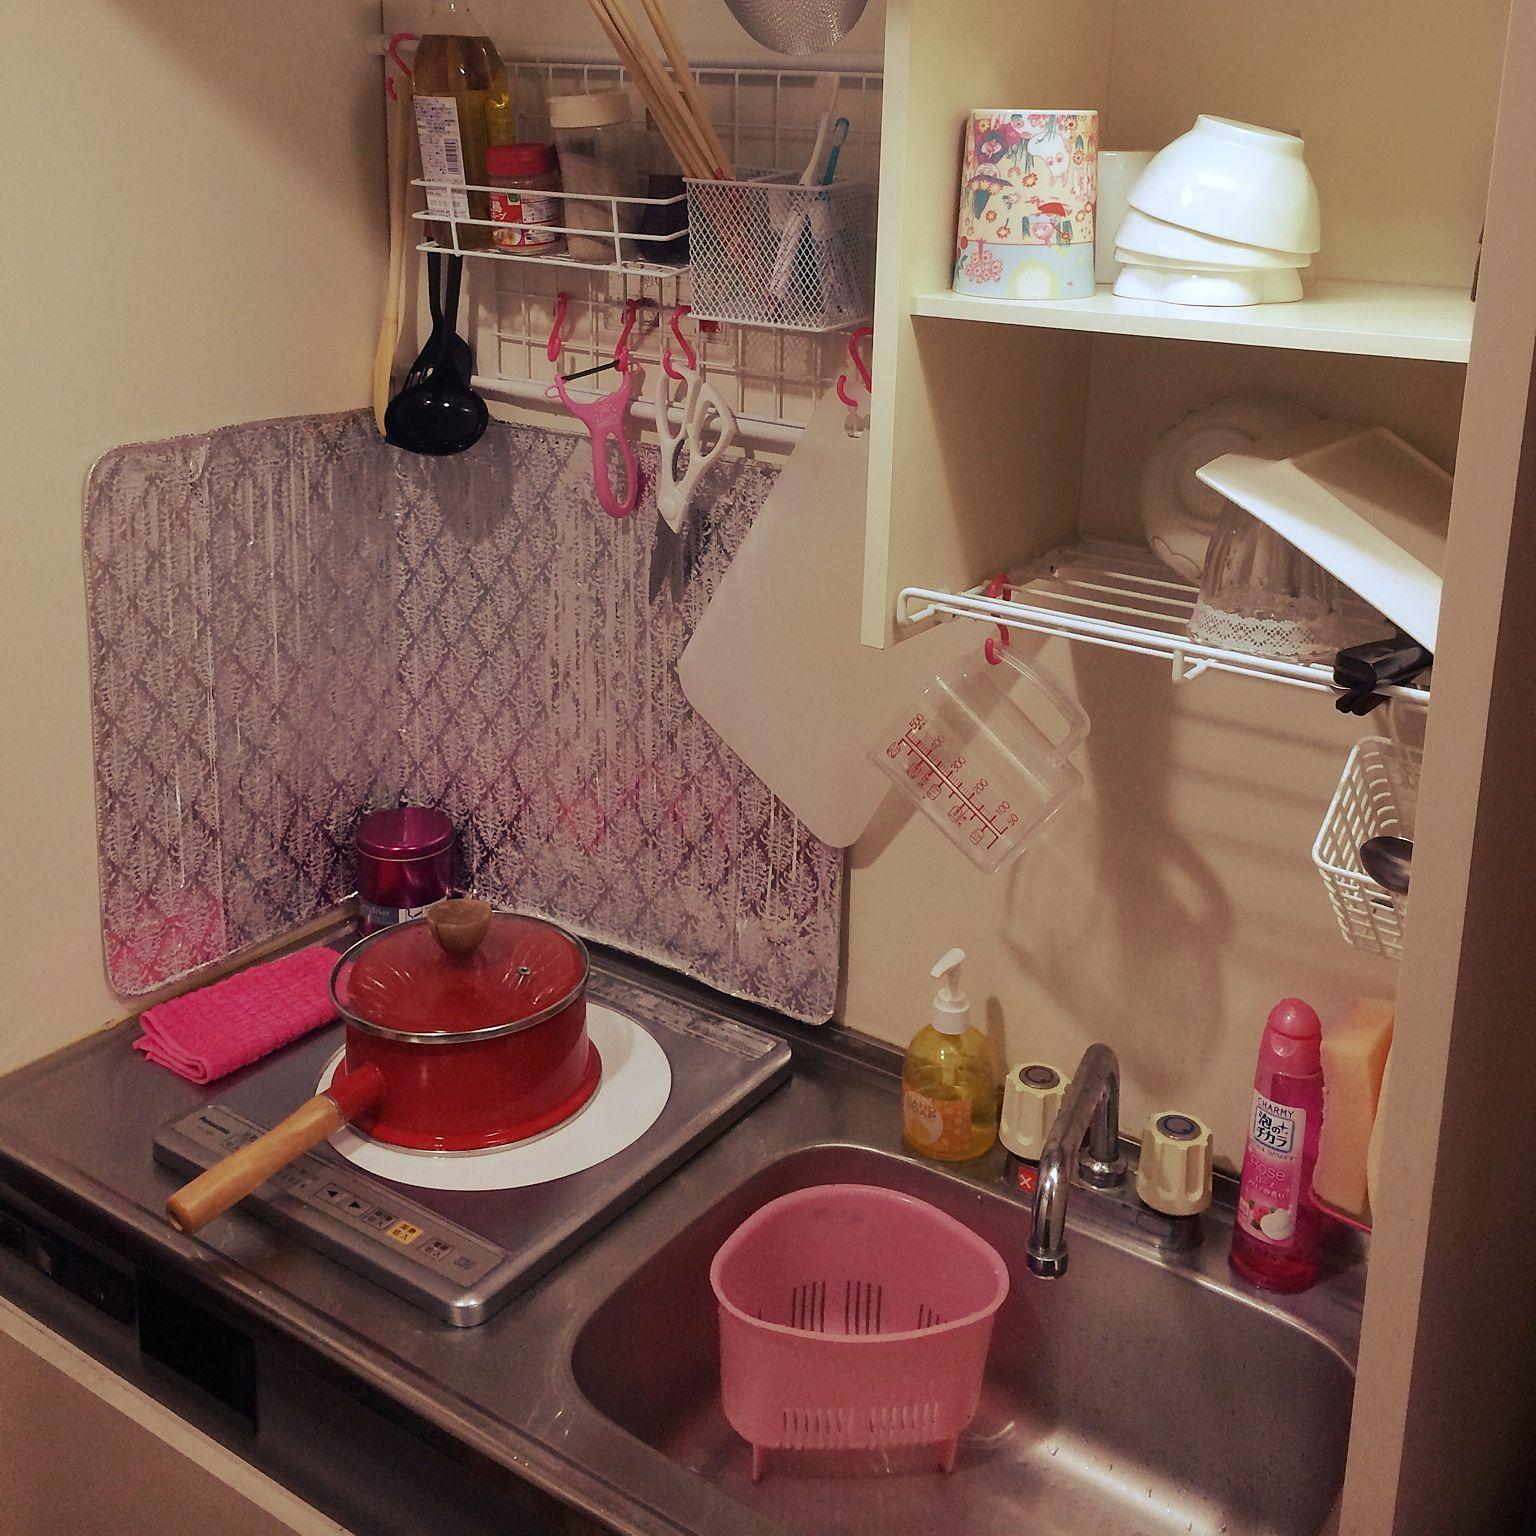 キッチン 狭いキッチン 一人暮らし 1kのインテリア実例 2014 11 28